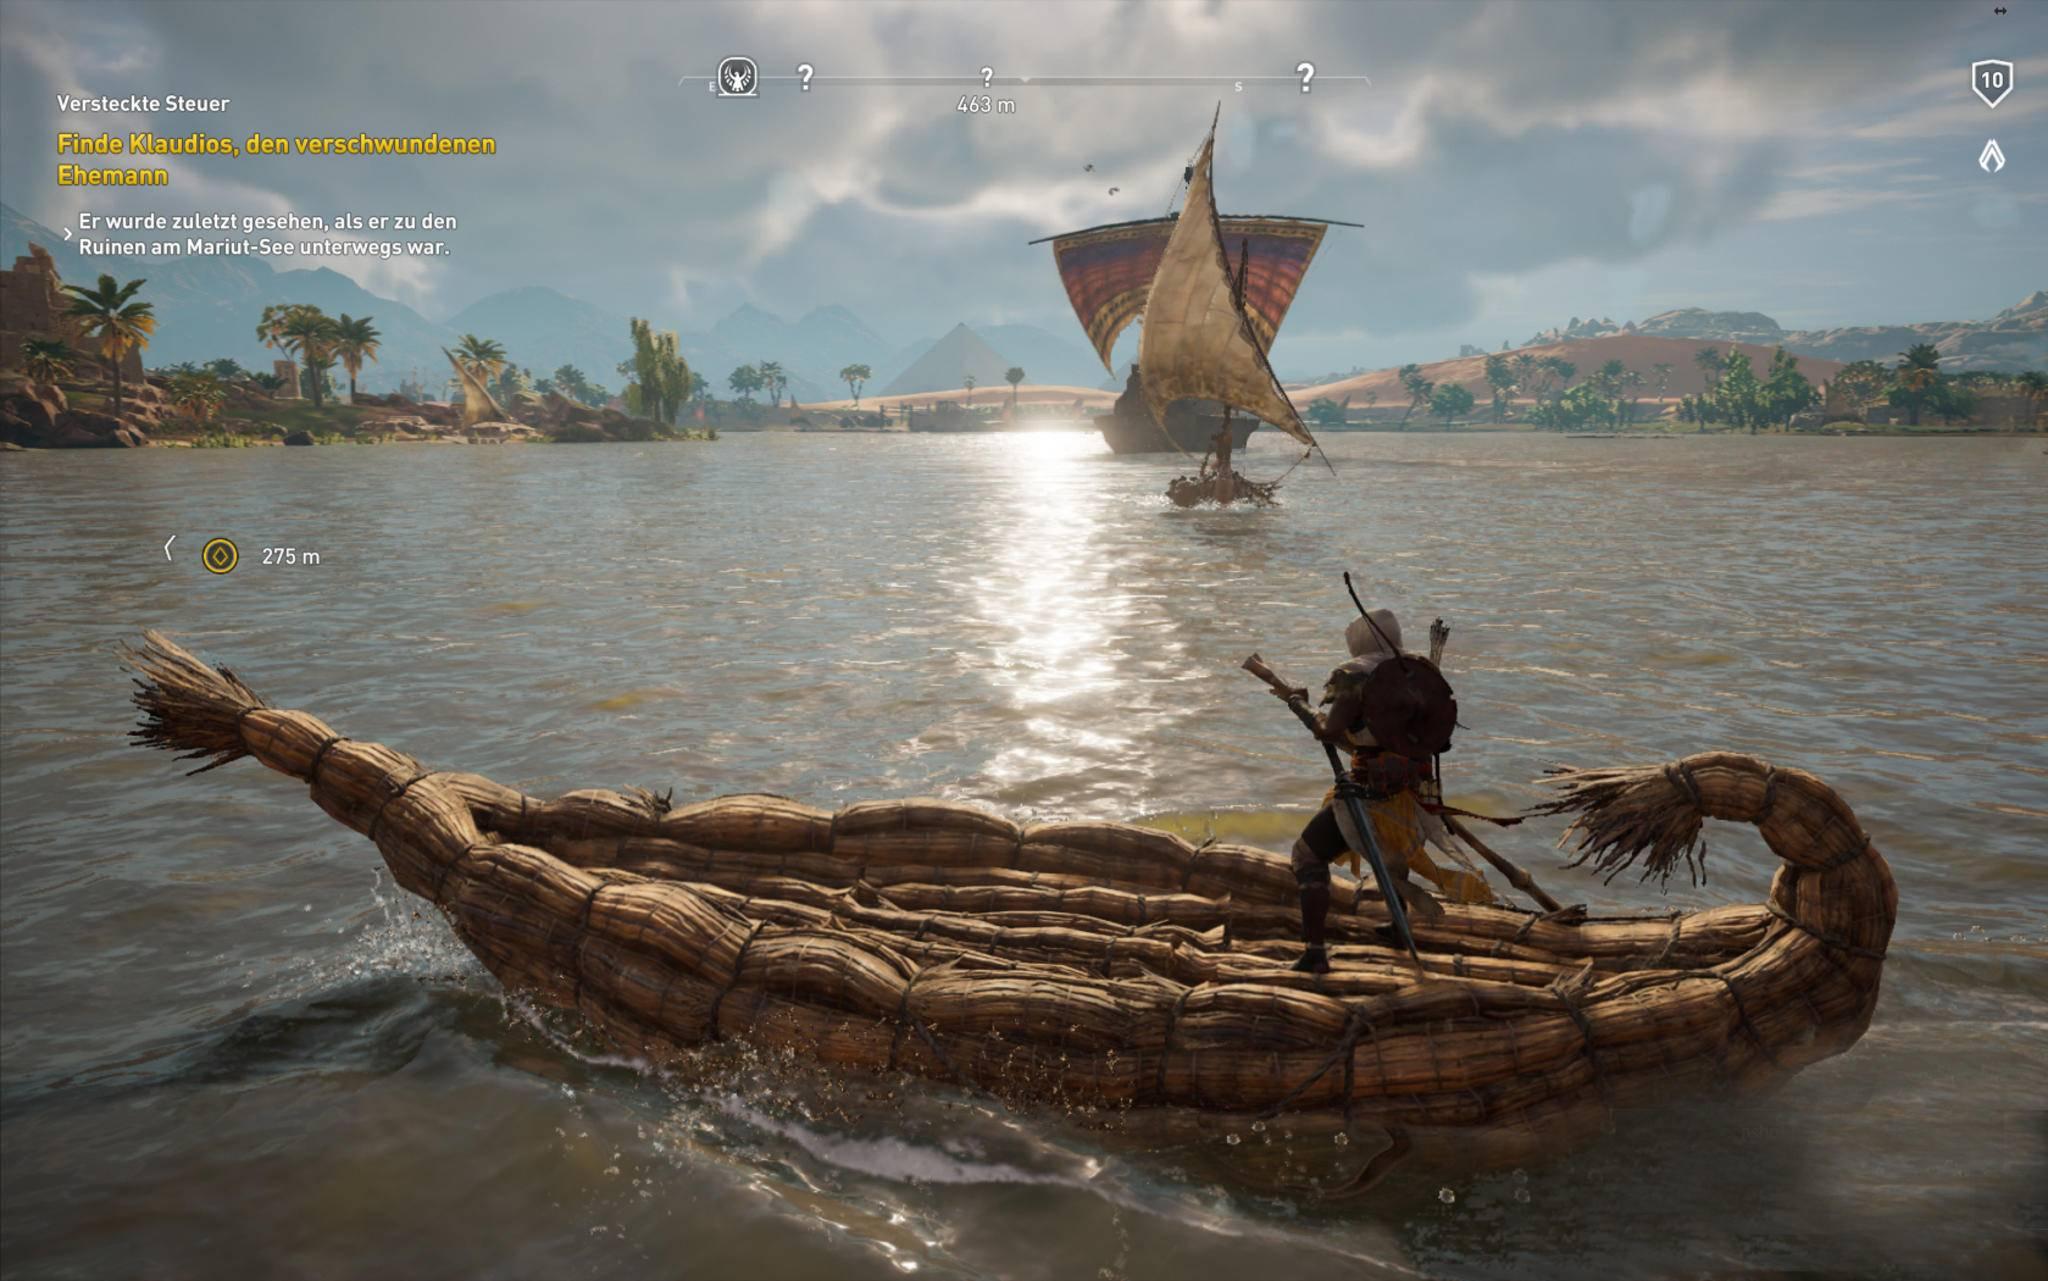 Bayek fährt Boot auf toll aussehendem Wasser ...